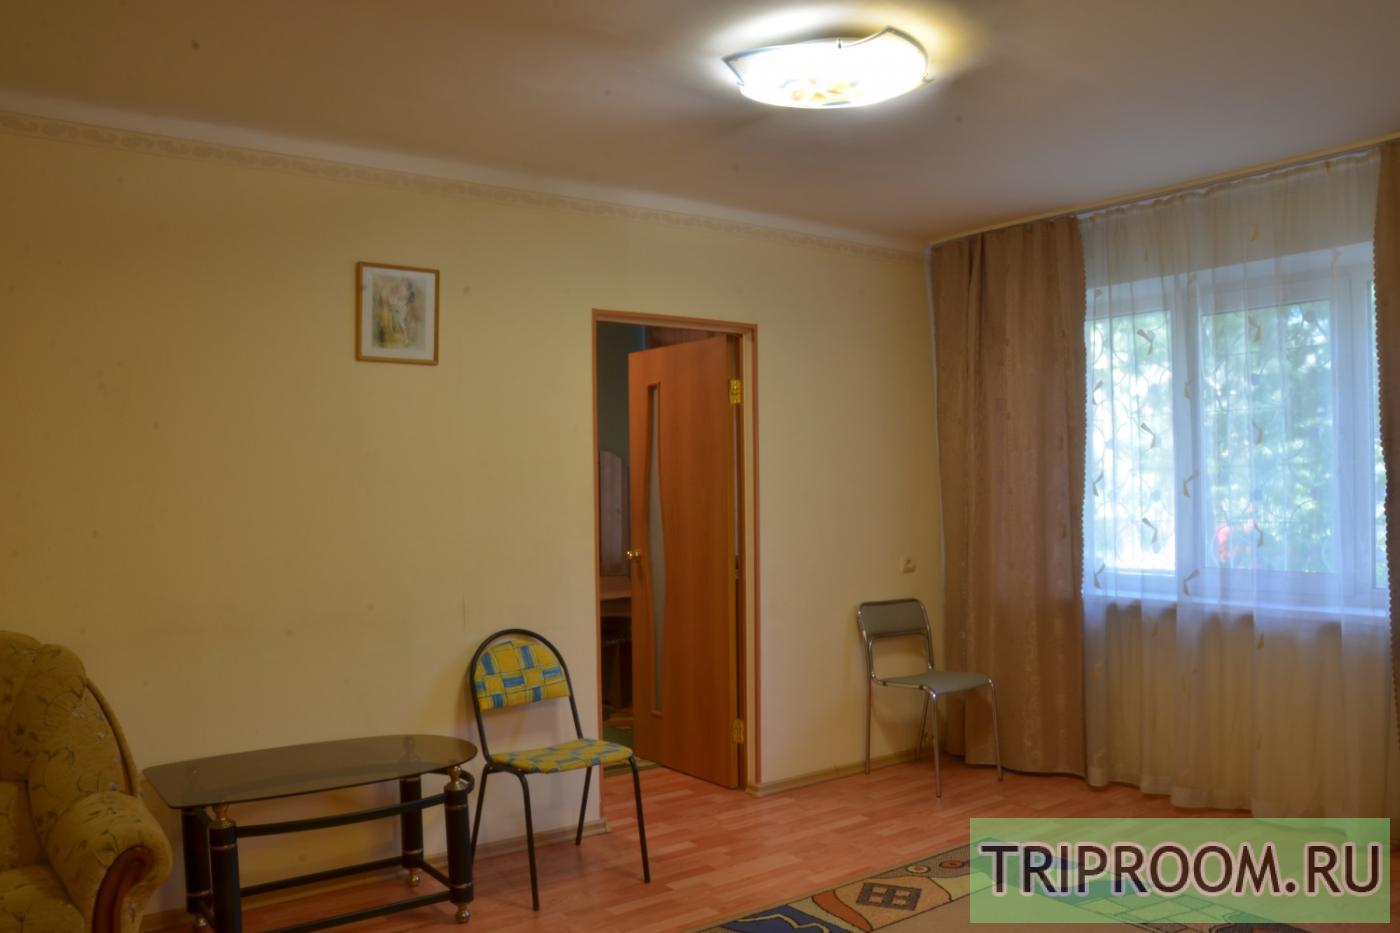 2-комнатная квартира посуточно (вариант № 10577), ул. Тимирязева улица, фото № 2